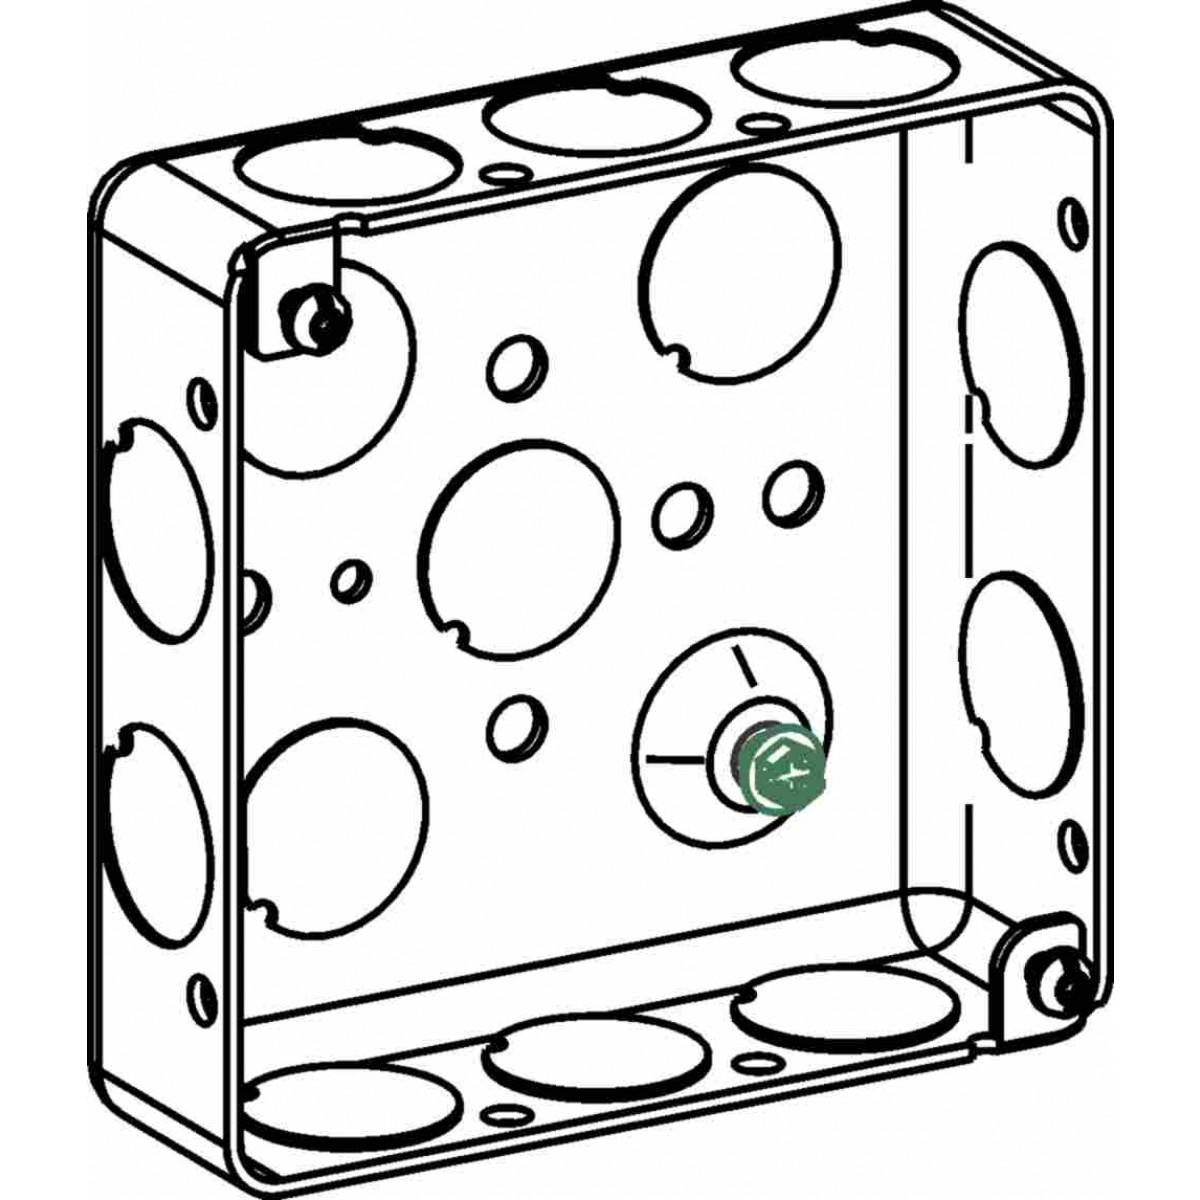 d4ssb-50 - 4 u201d  4s  boxes